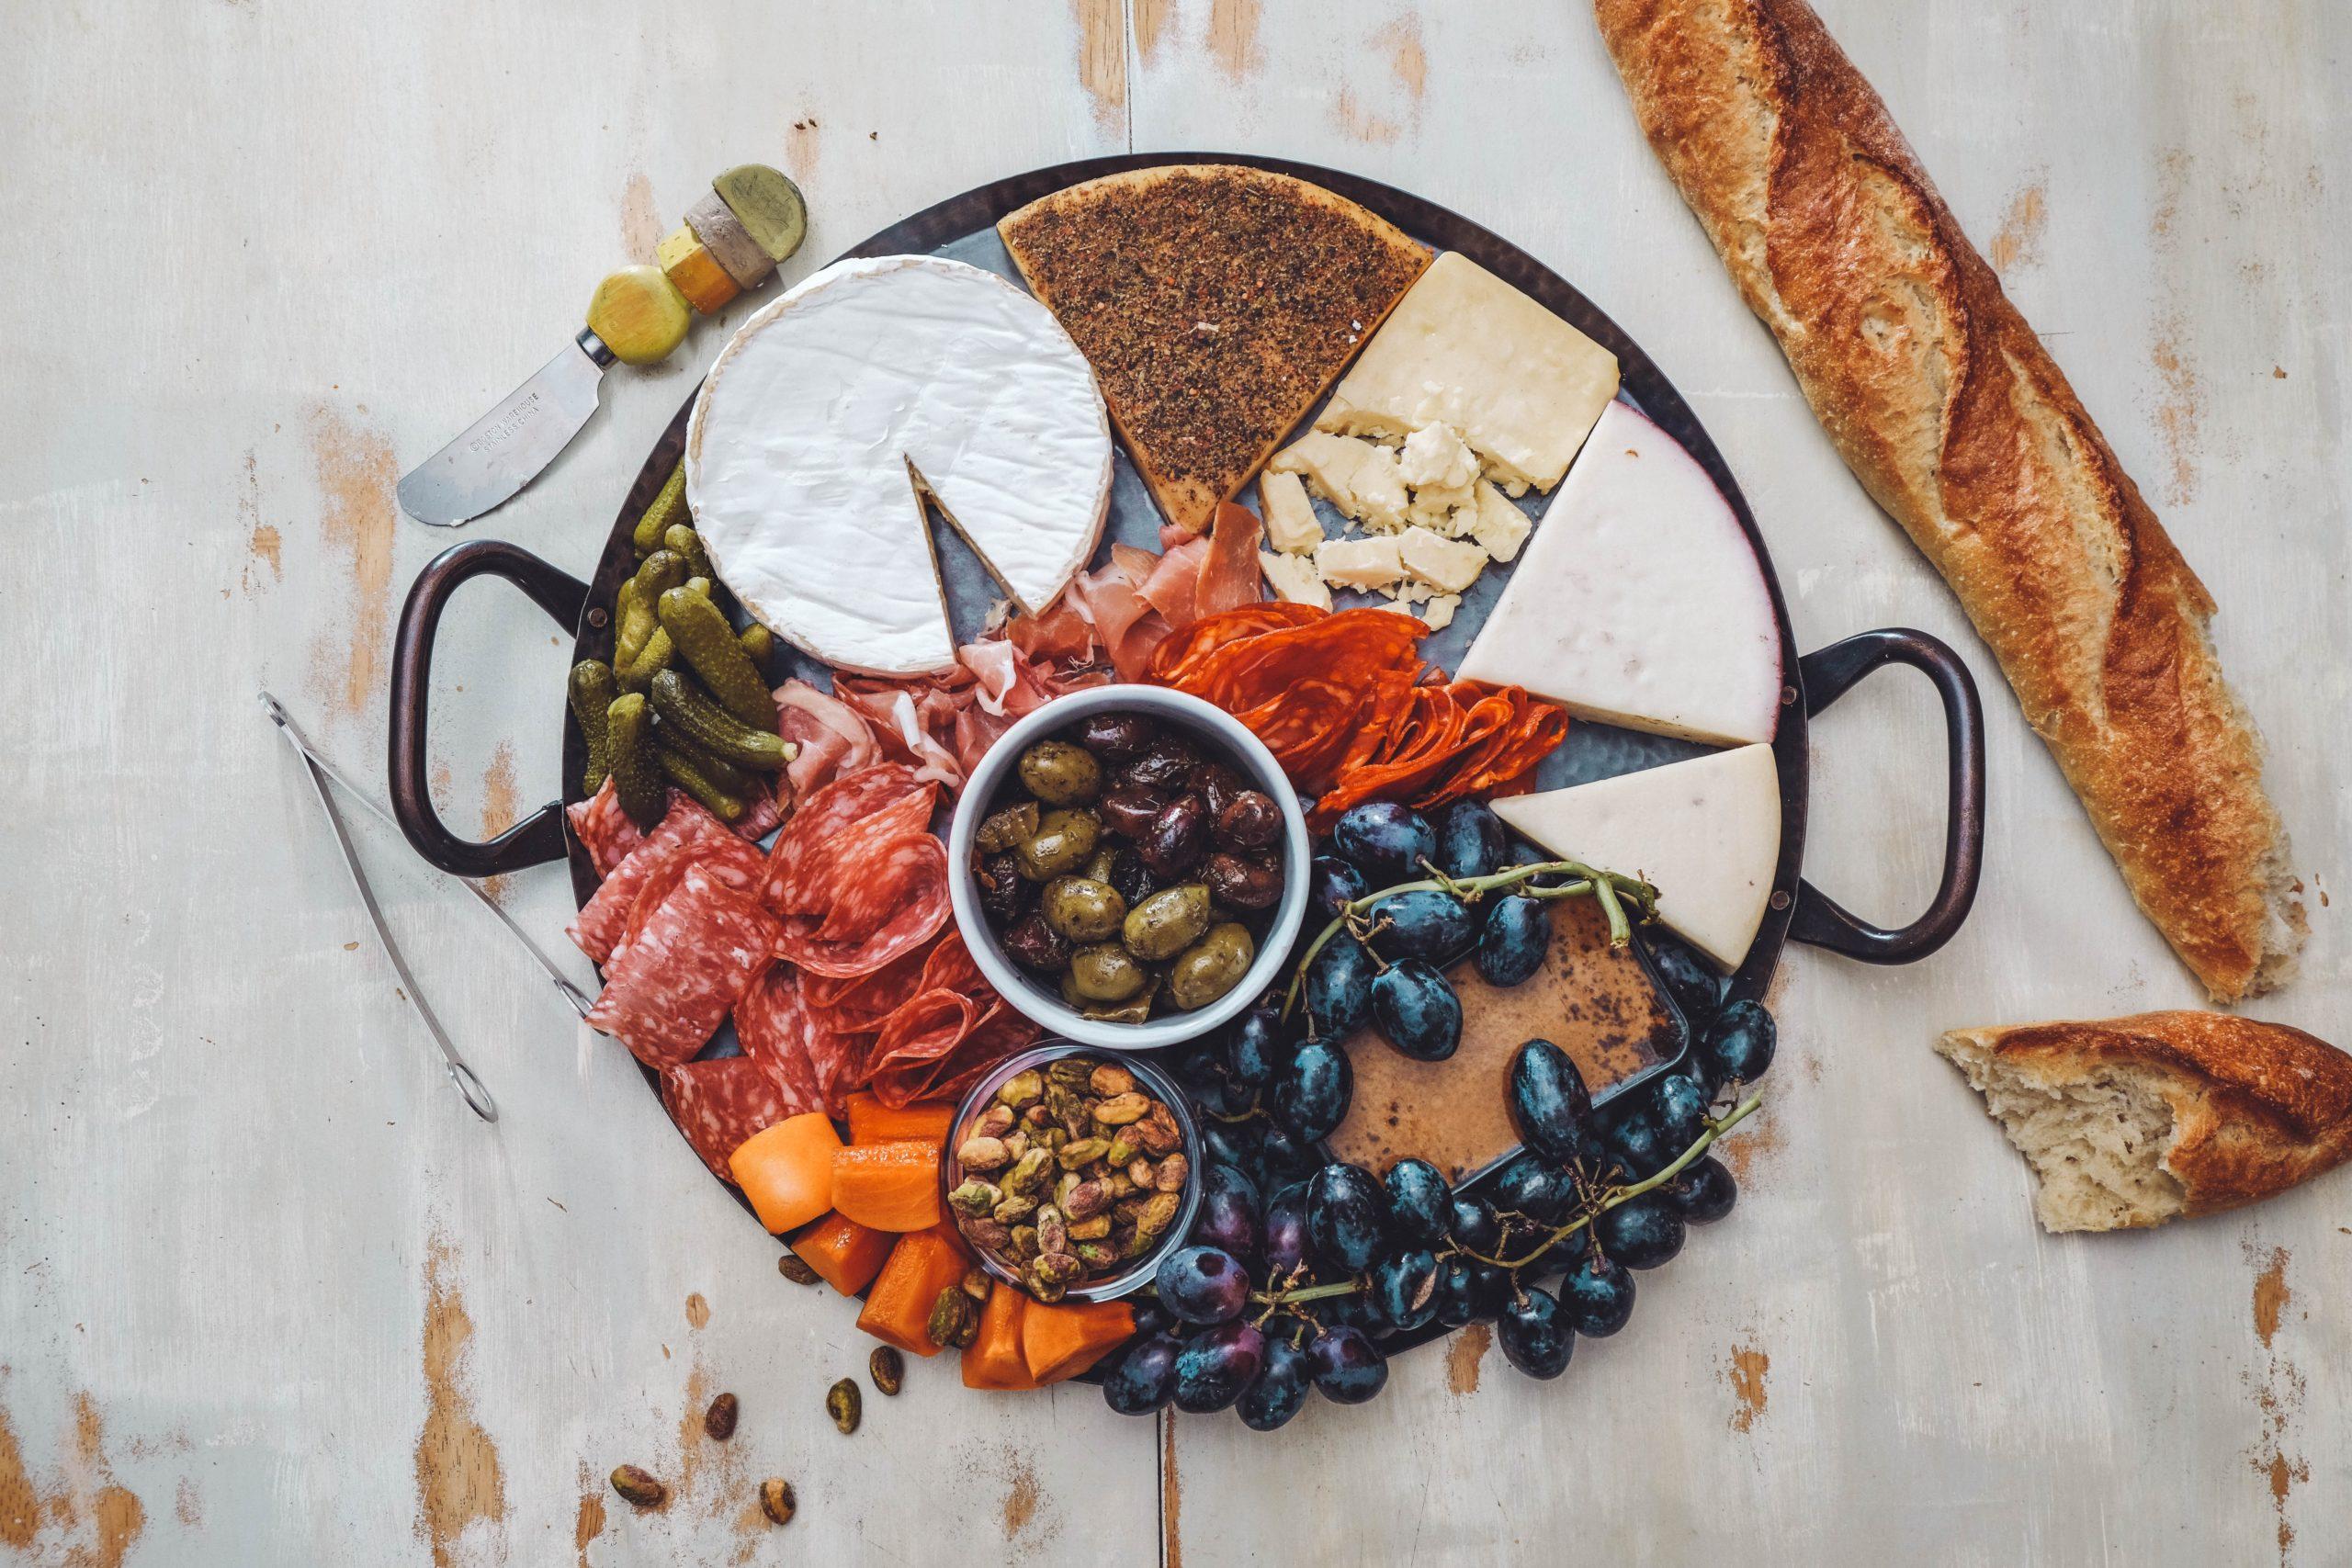 plateau fromage et charcuterie pour une fondue avec l'appareil à fondue électrique Fondue Time de Senya